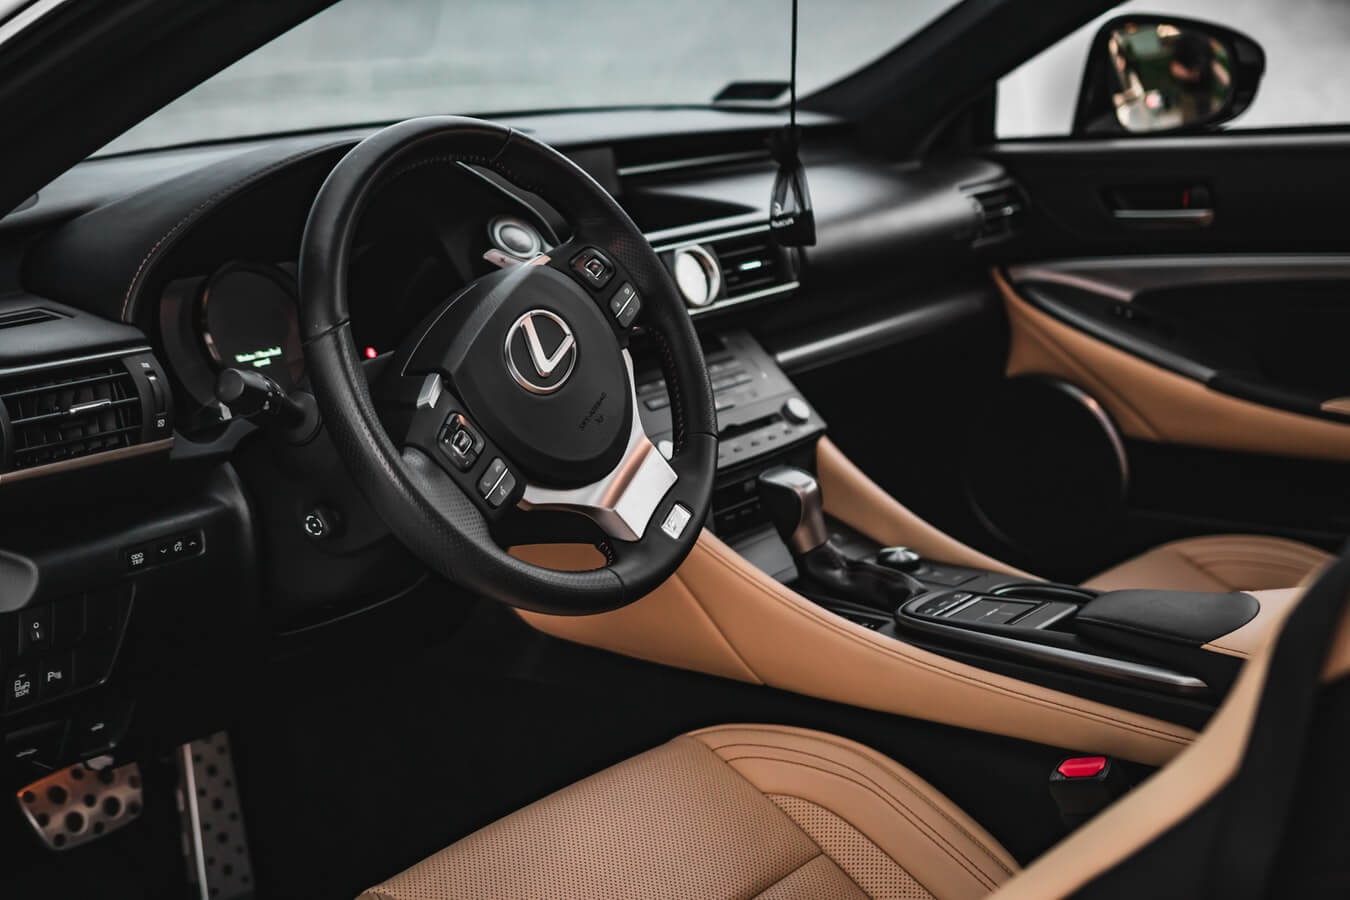 Parte interna de um veículo de luxo, mostrando volante, bancos e câmbio de marcha de carro